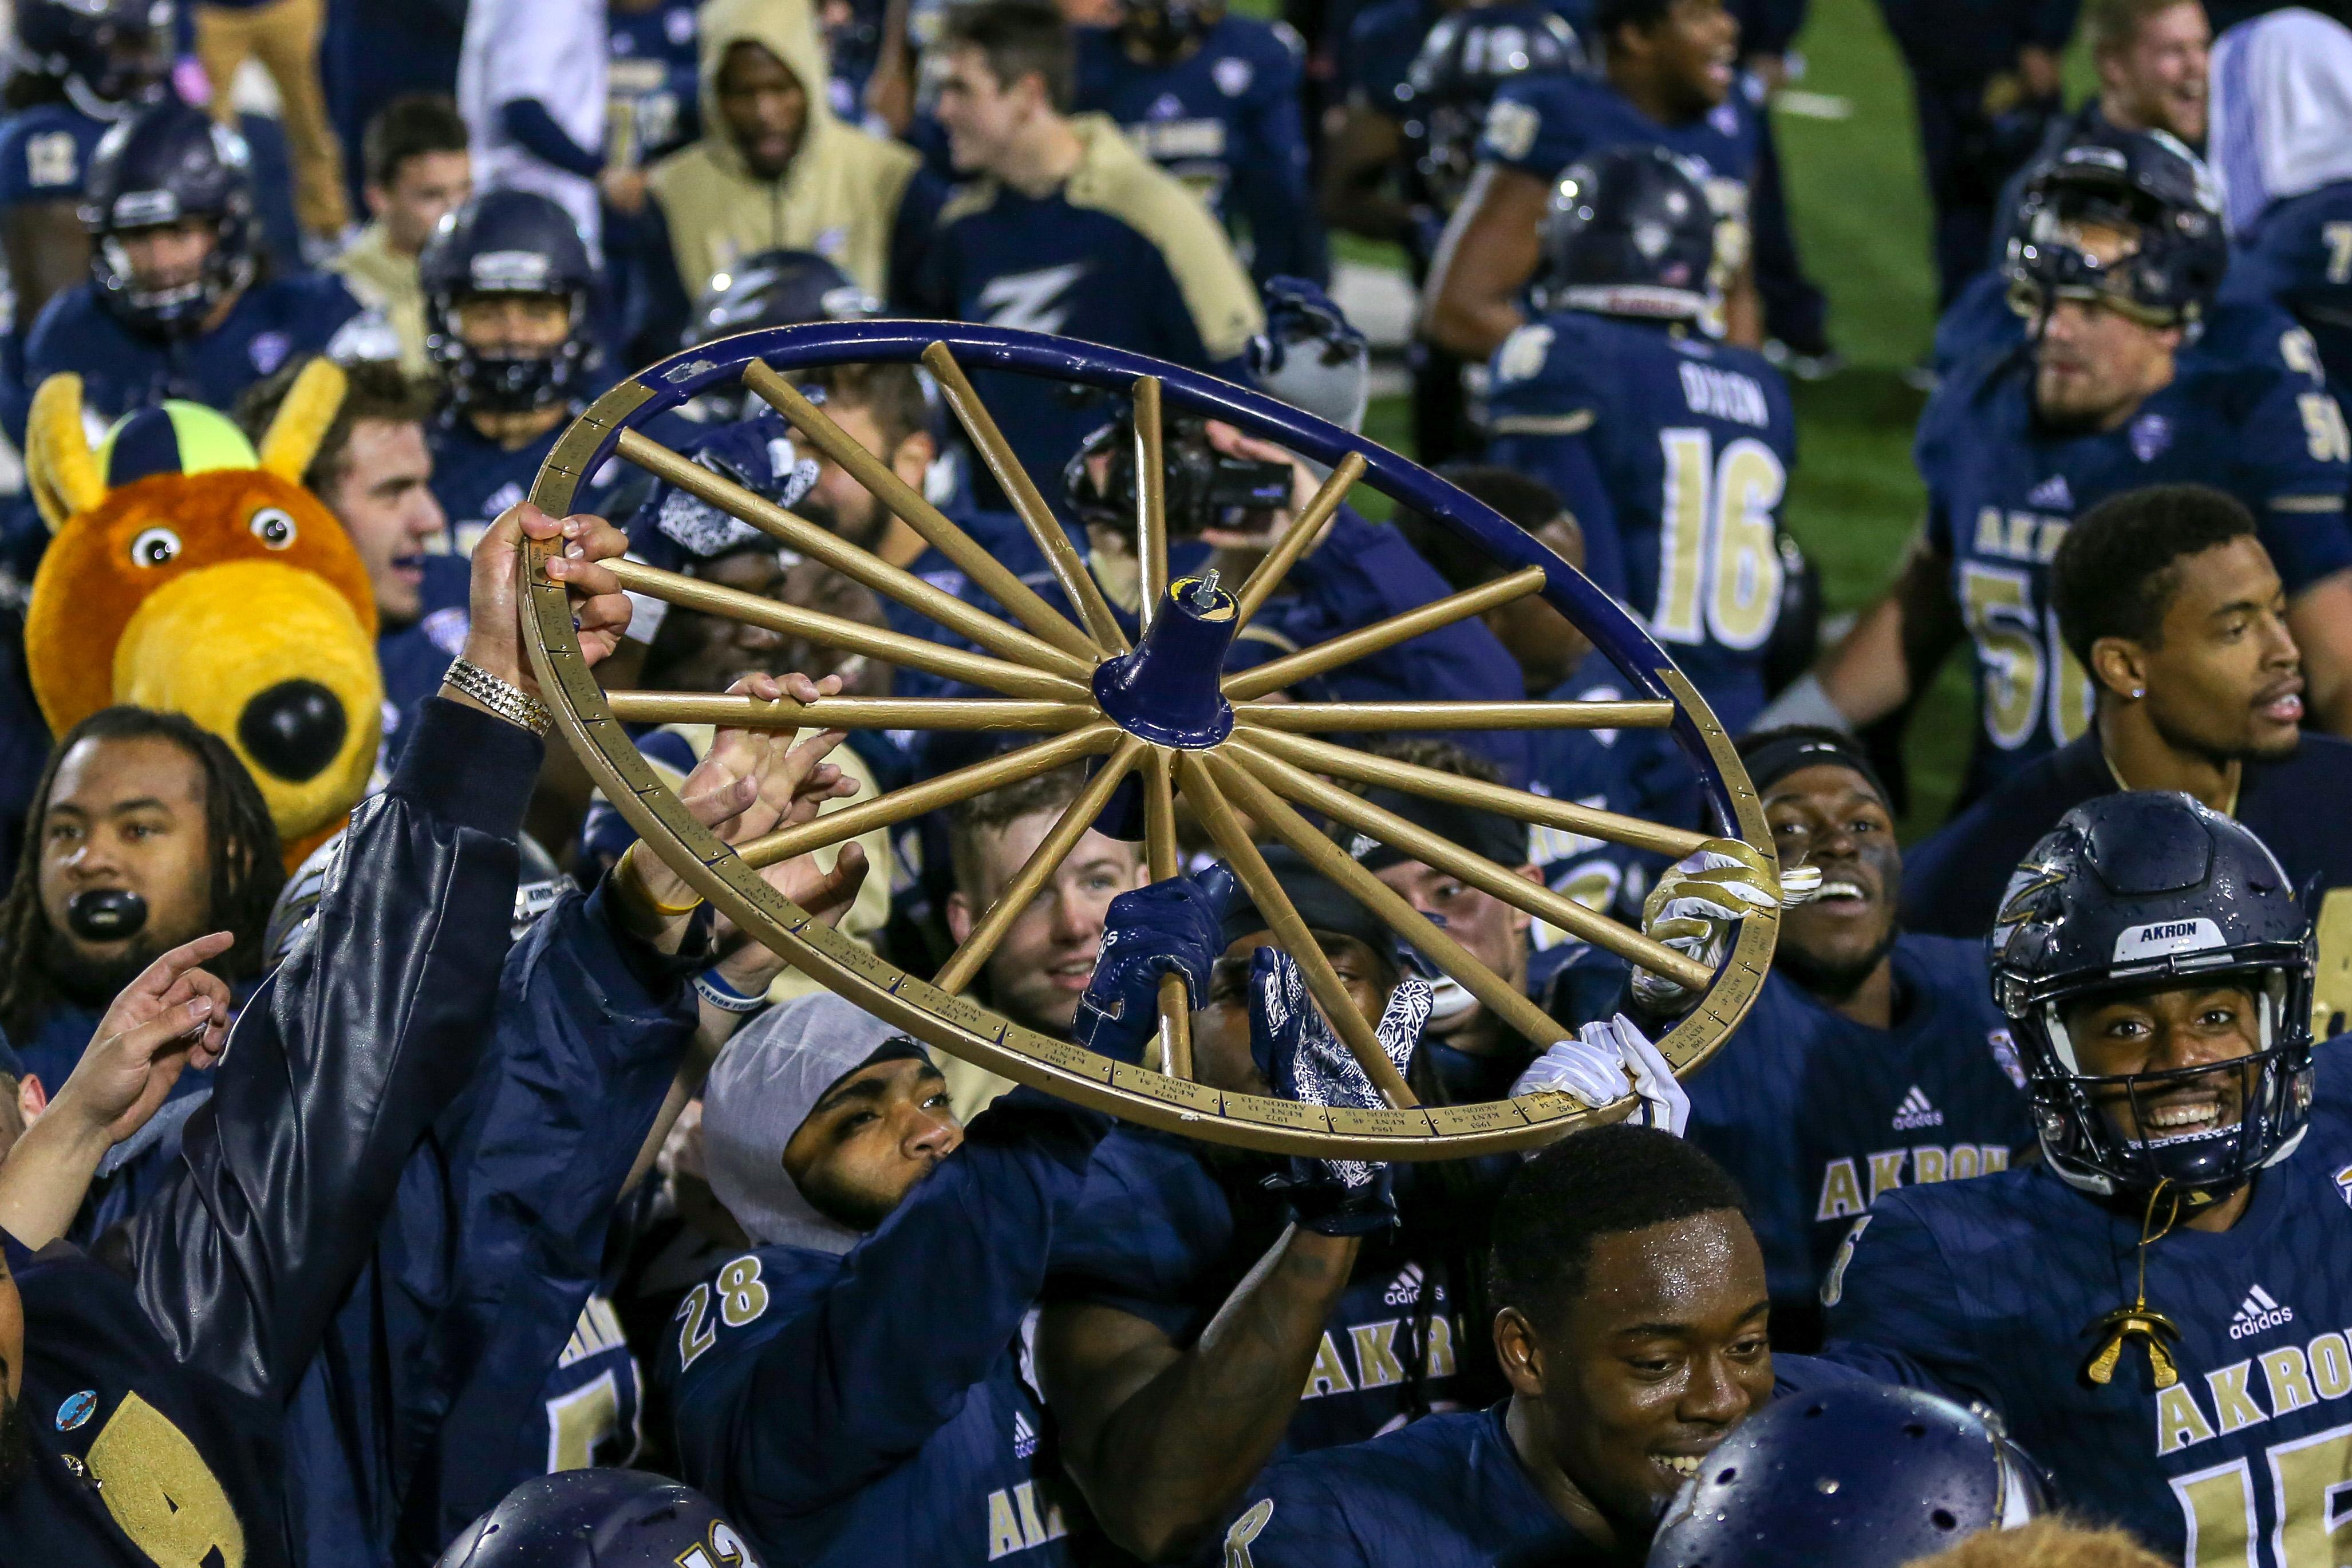 大学橄榄球:10月20日在肯特州立大学阿克伦球场